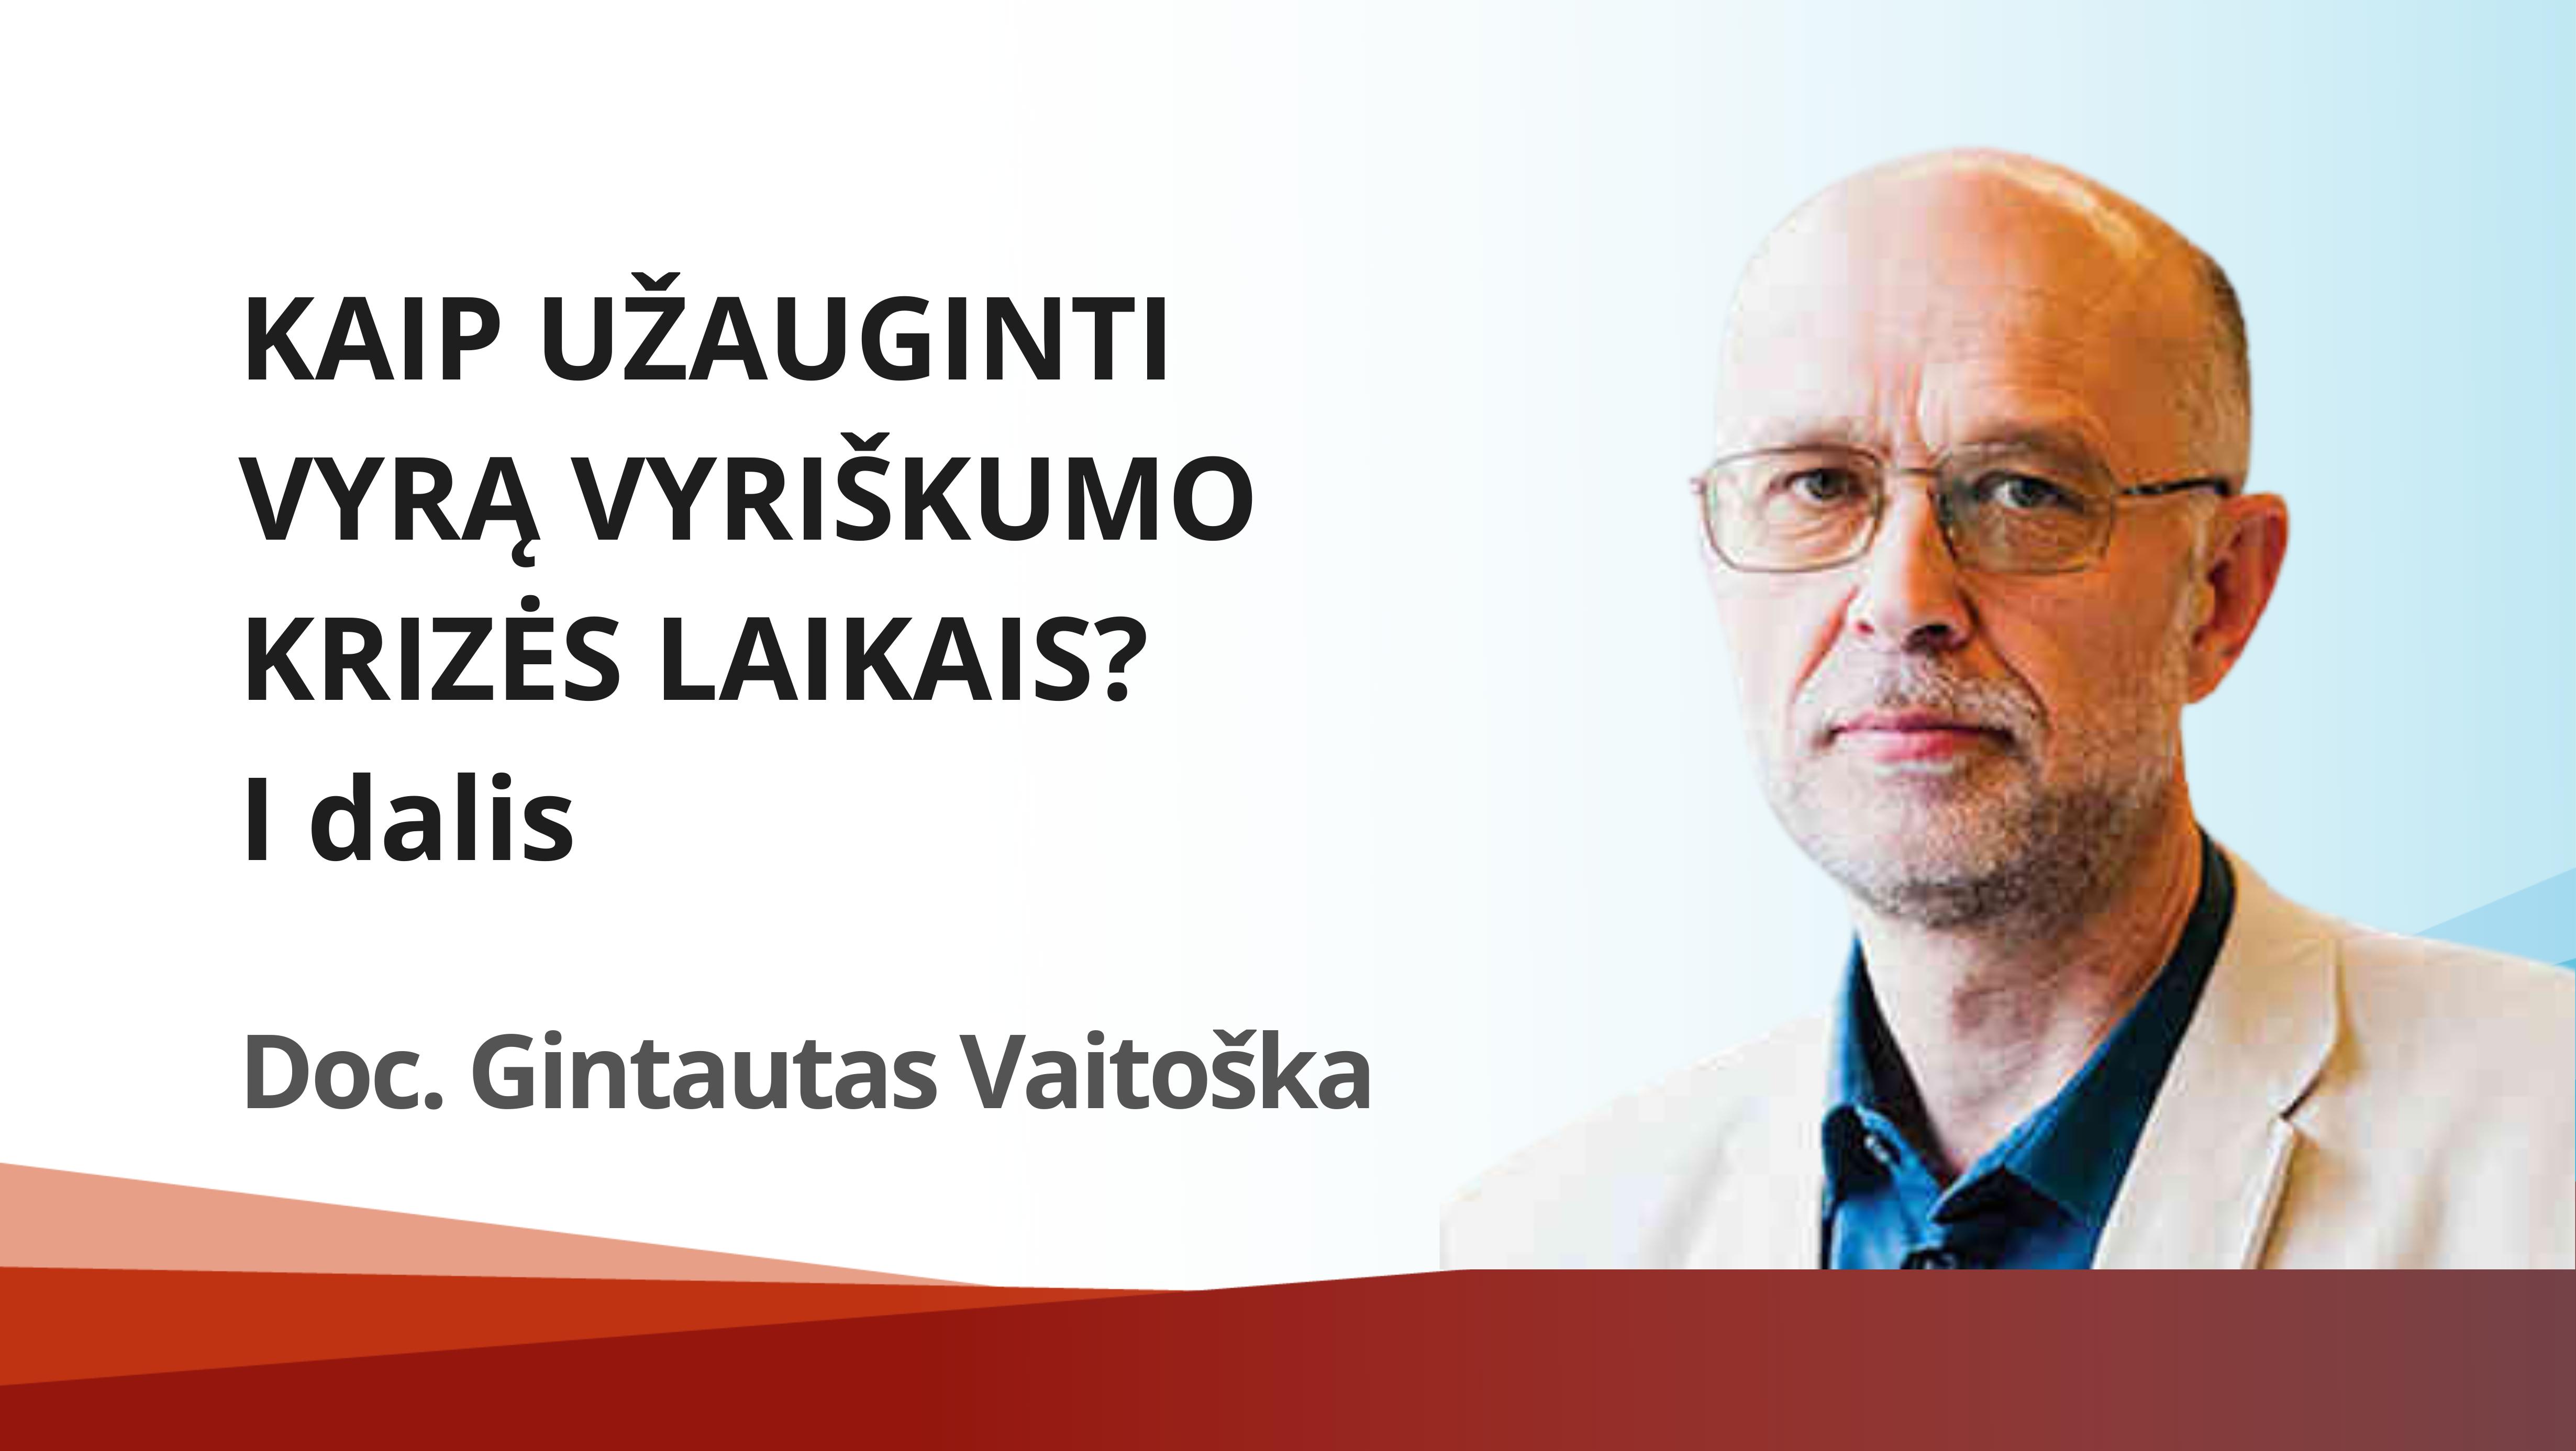 Doc. Gintautas Vaitoška. Kaip užauginti vyrą vyriškumo krizės laikais? I dalis.